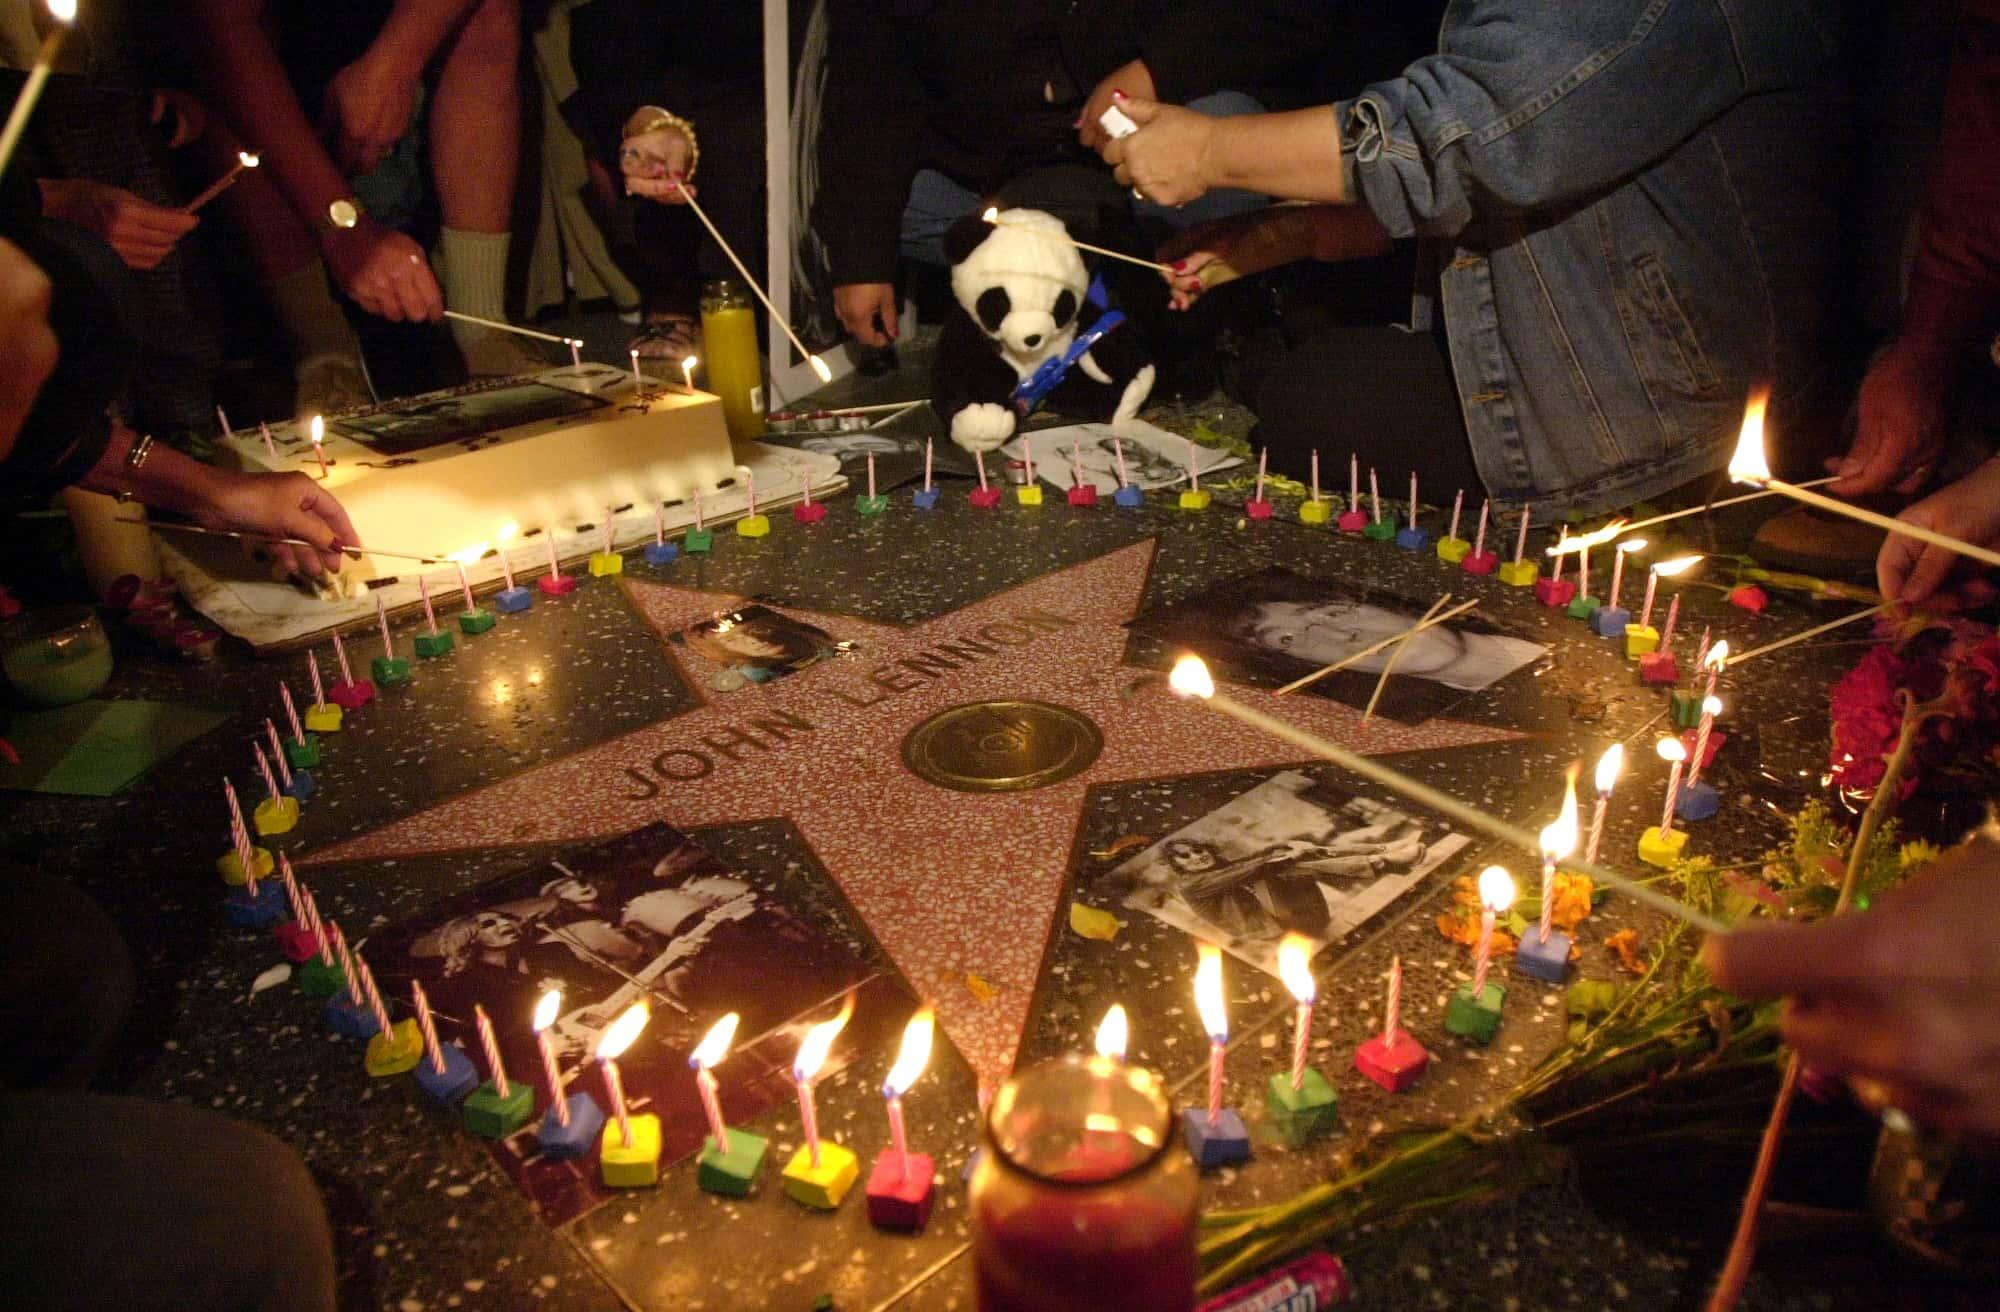 Fans Celebrate John Lennon's 60th Birthday